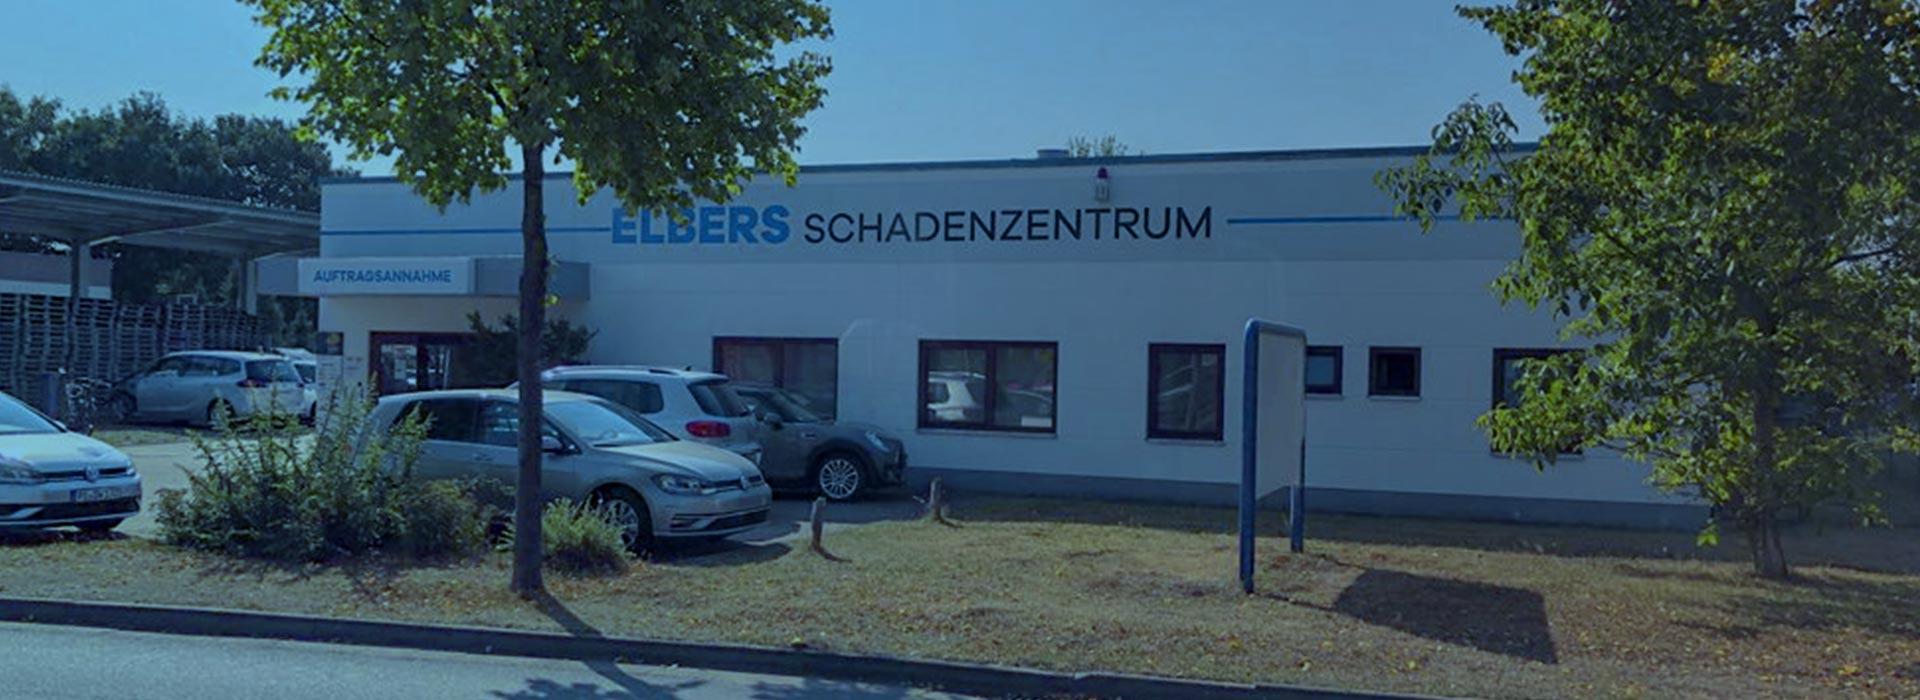 Kfz-Werkstatt IRS Elbers in Soltau